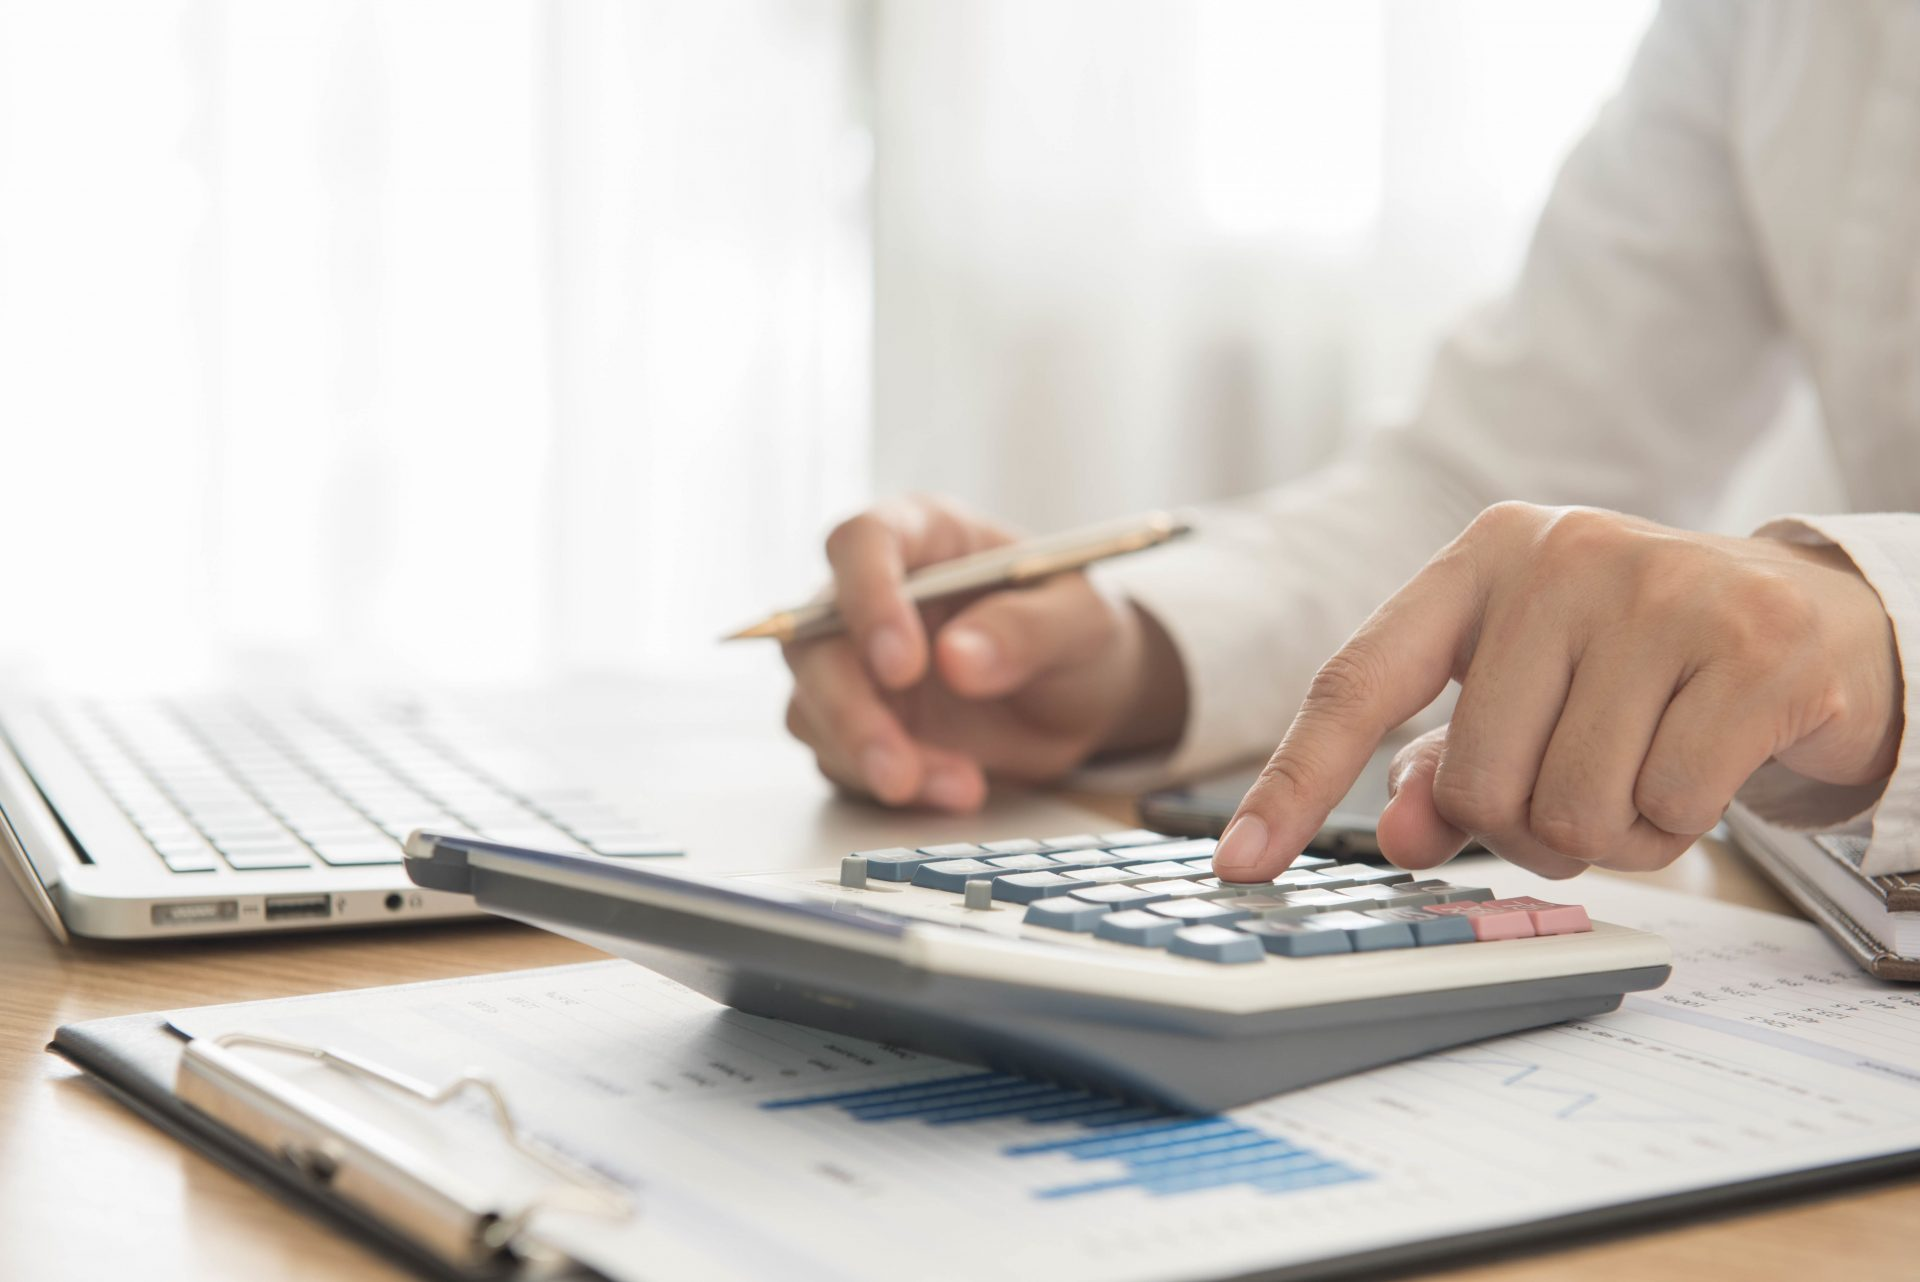 Homme se servant d'une calculatrice pour un bilan financier